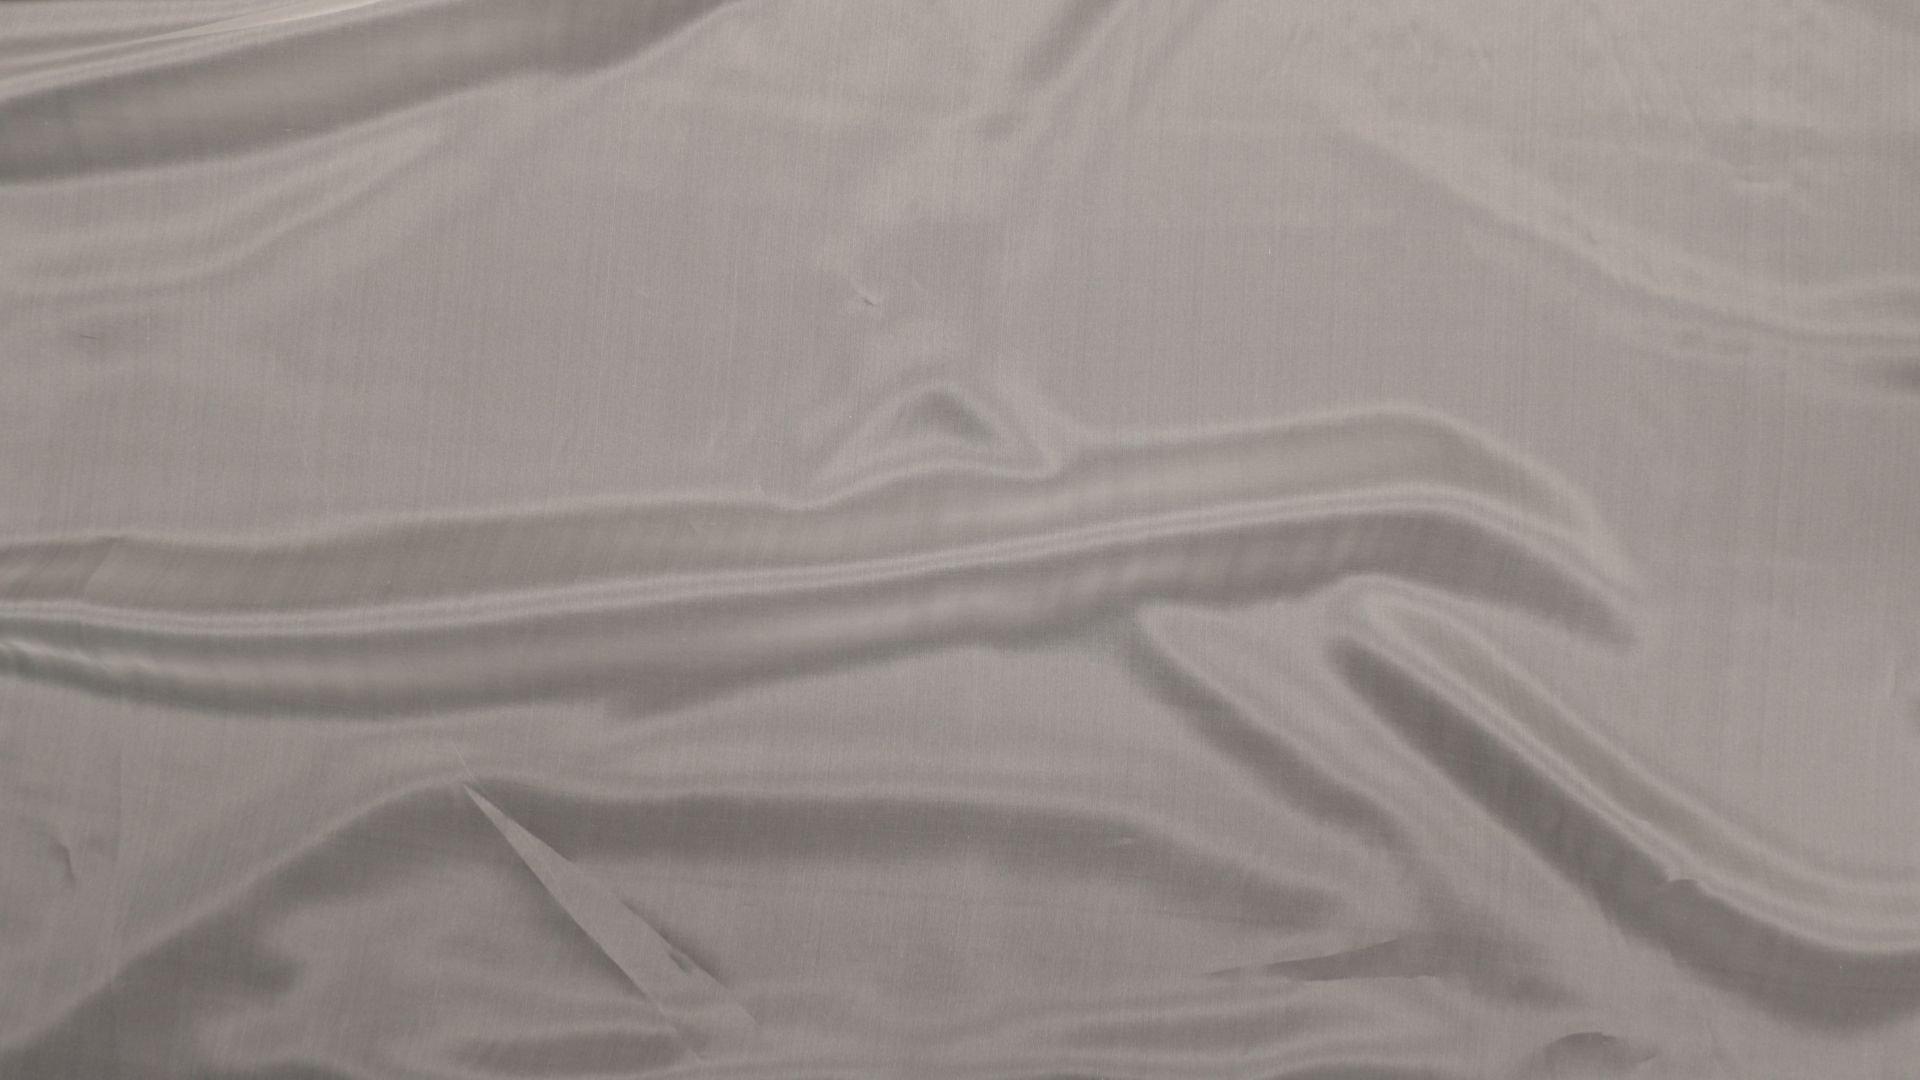 il particolare del tessuto organza ortel, appartenente alla categoria uniti seta, di Leadford & Logan